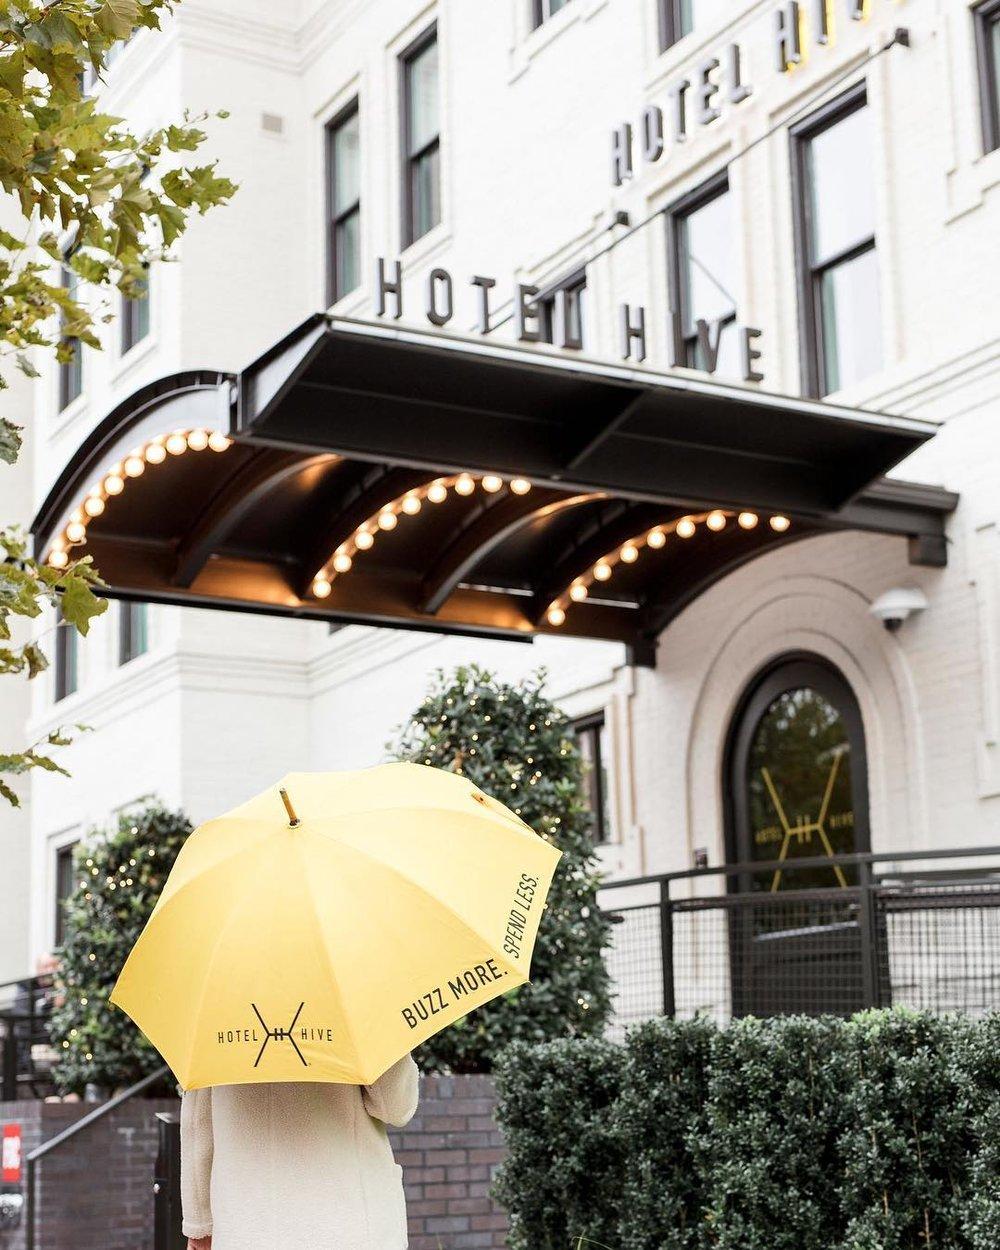 PHOTO CREDIT HOTEL HIVE